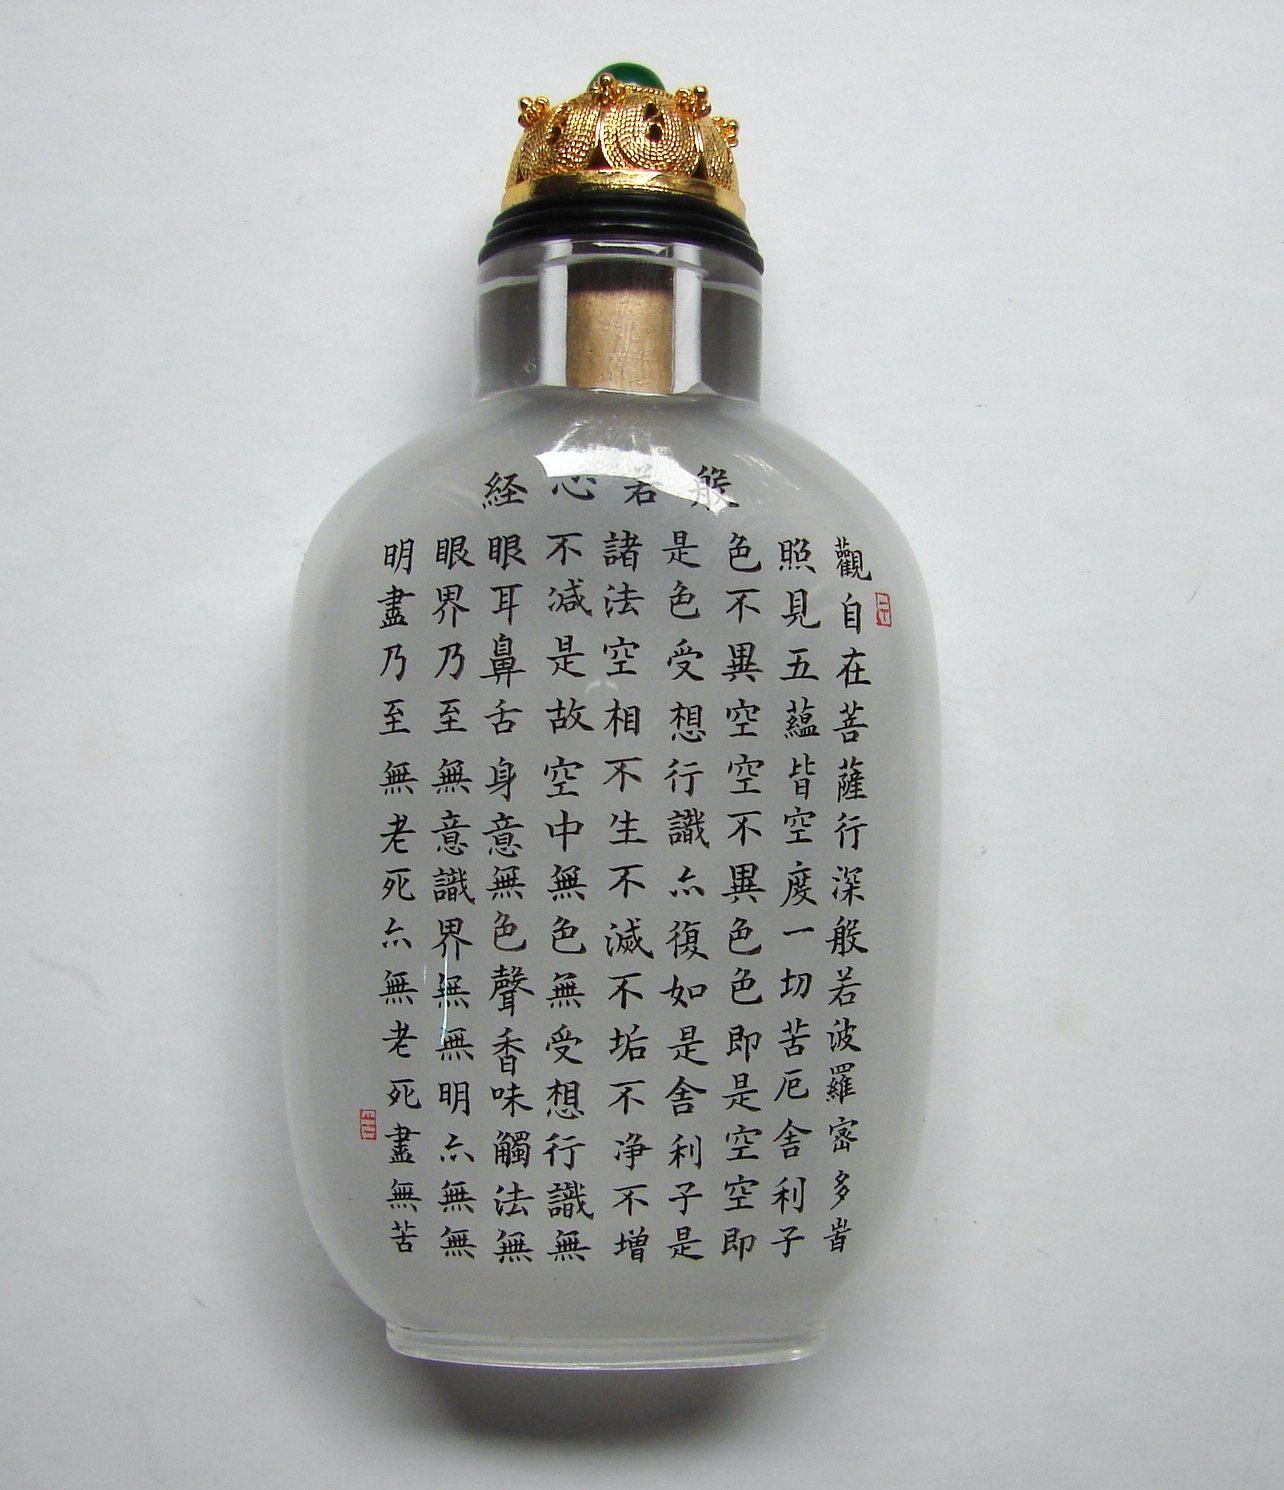 《中国书法》百家讲坛第六讲欧阳询图片